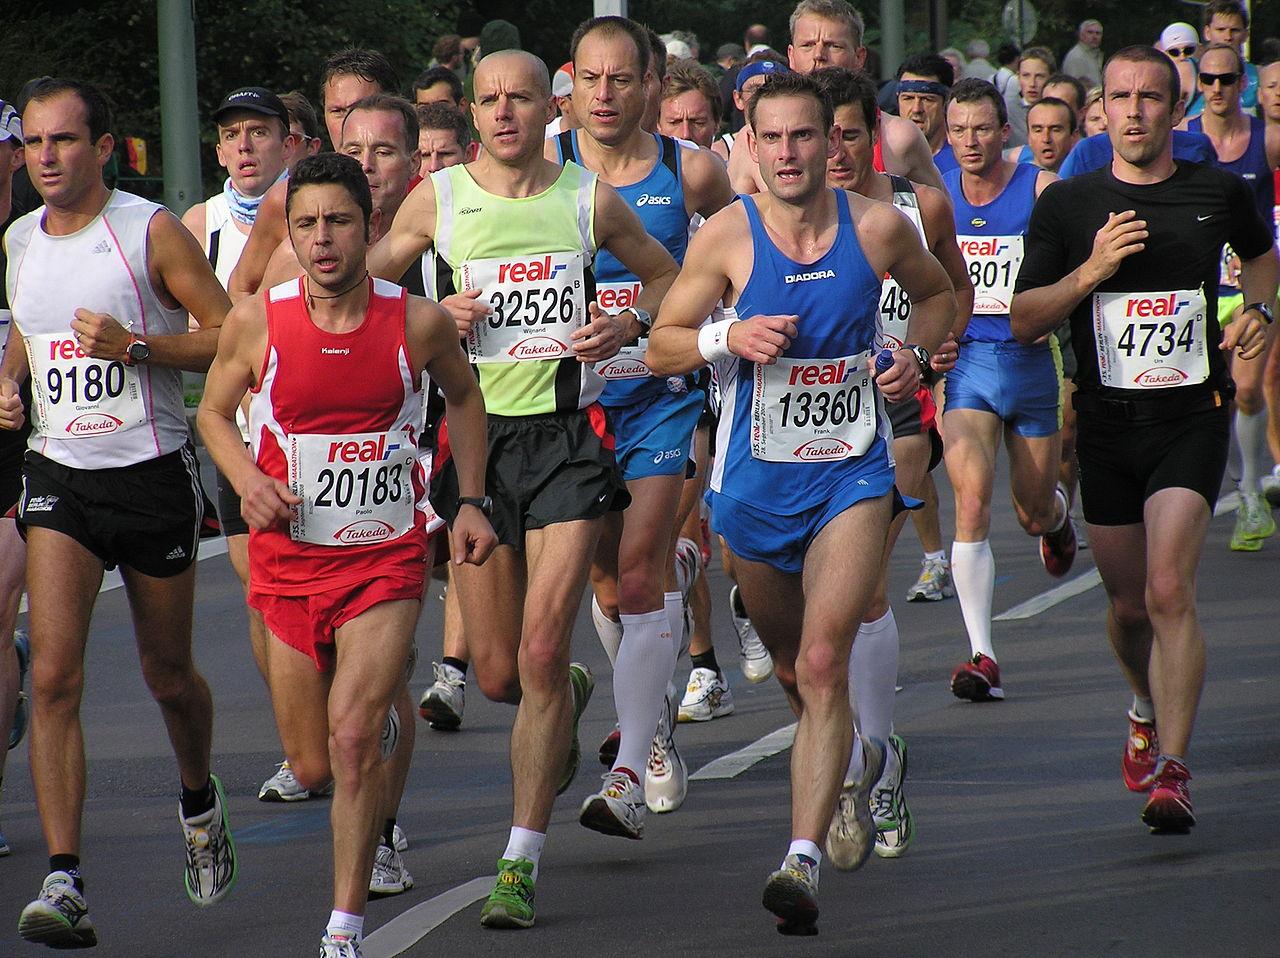 Berlin Maraton – Omåttligt Populärt